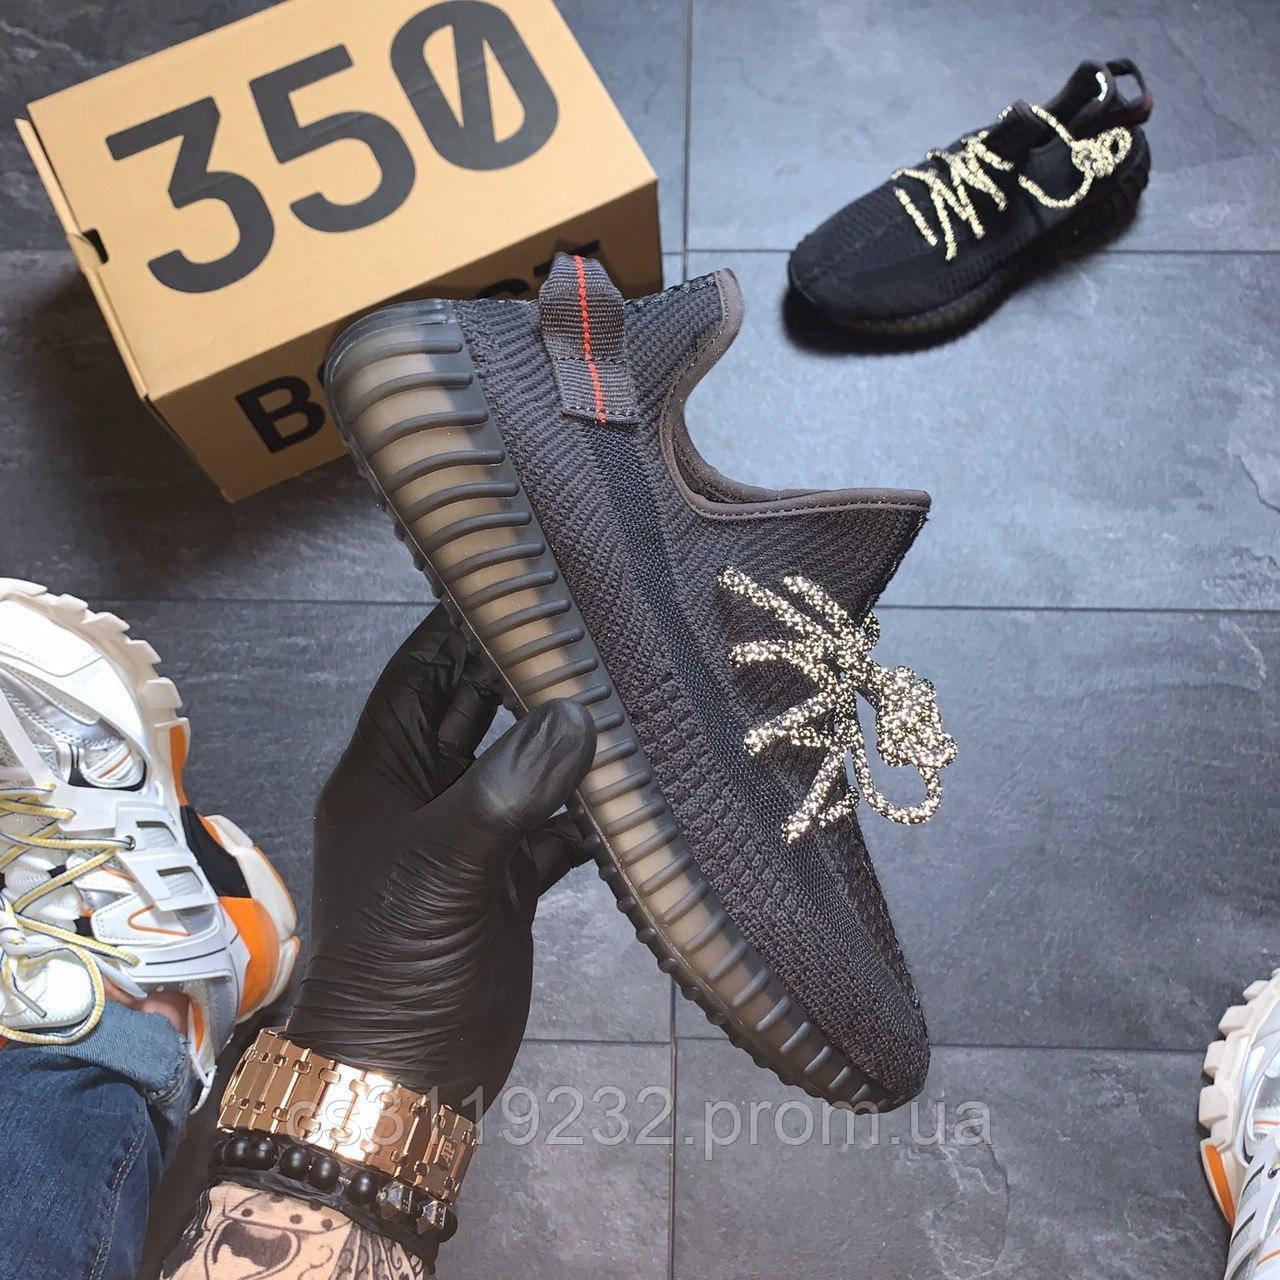 Мужские кроссовки Adidas Yeezy 350 v2 Triple Black (черный)